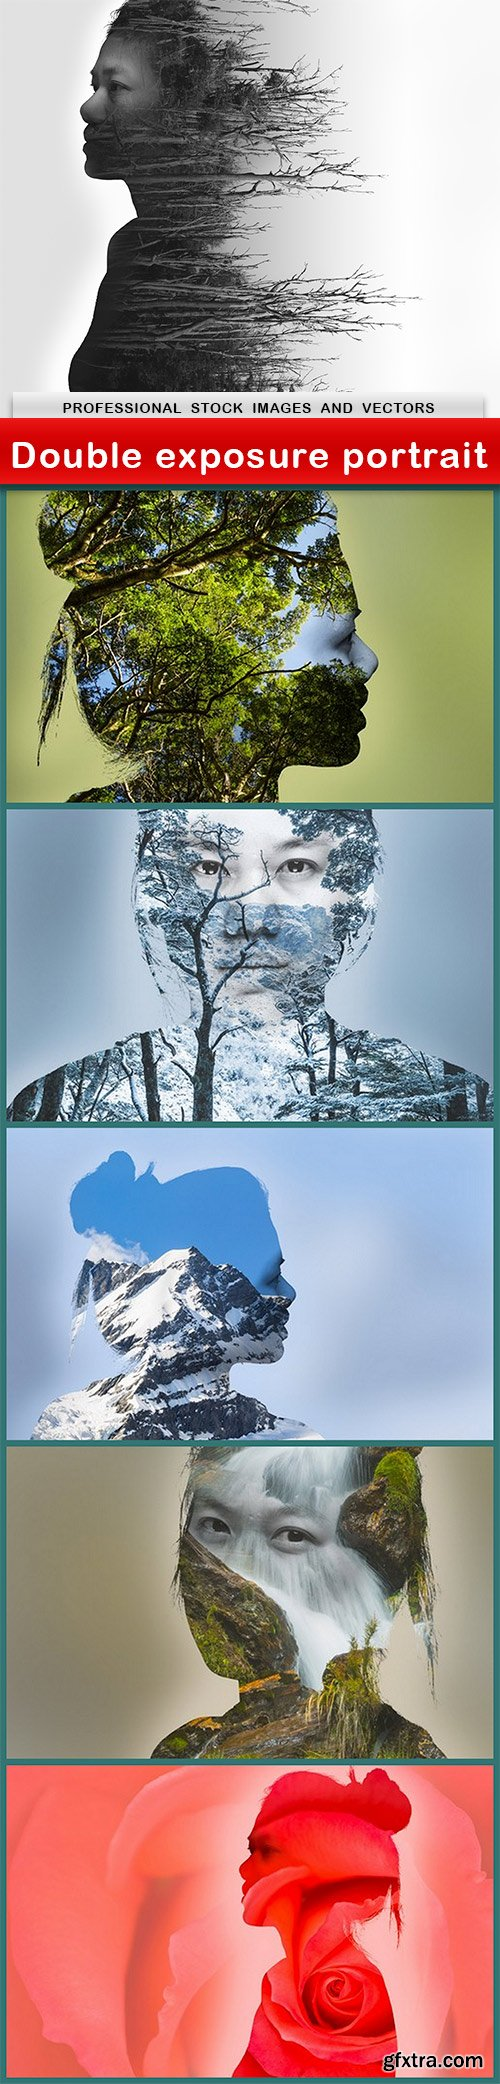 Double exposure portrait - 6 UHQ JPEG